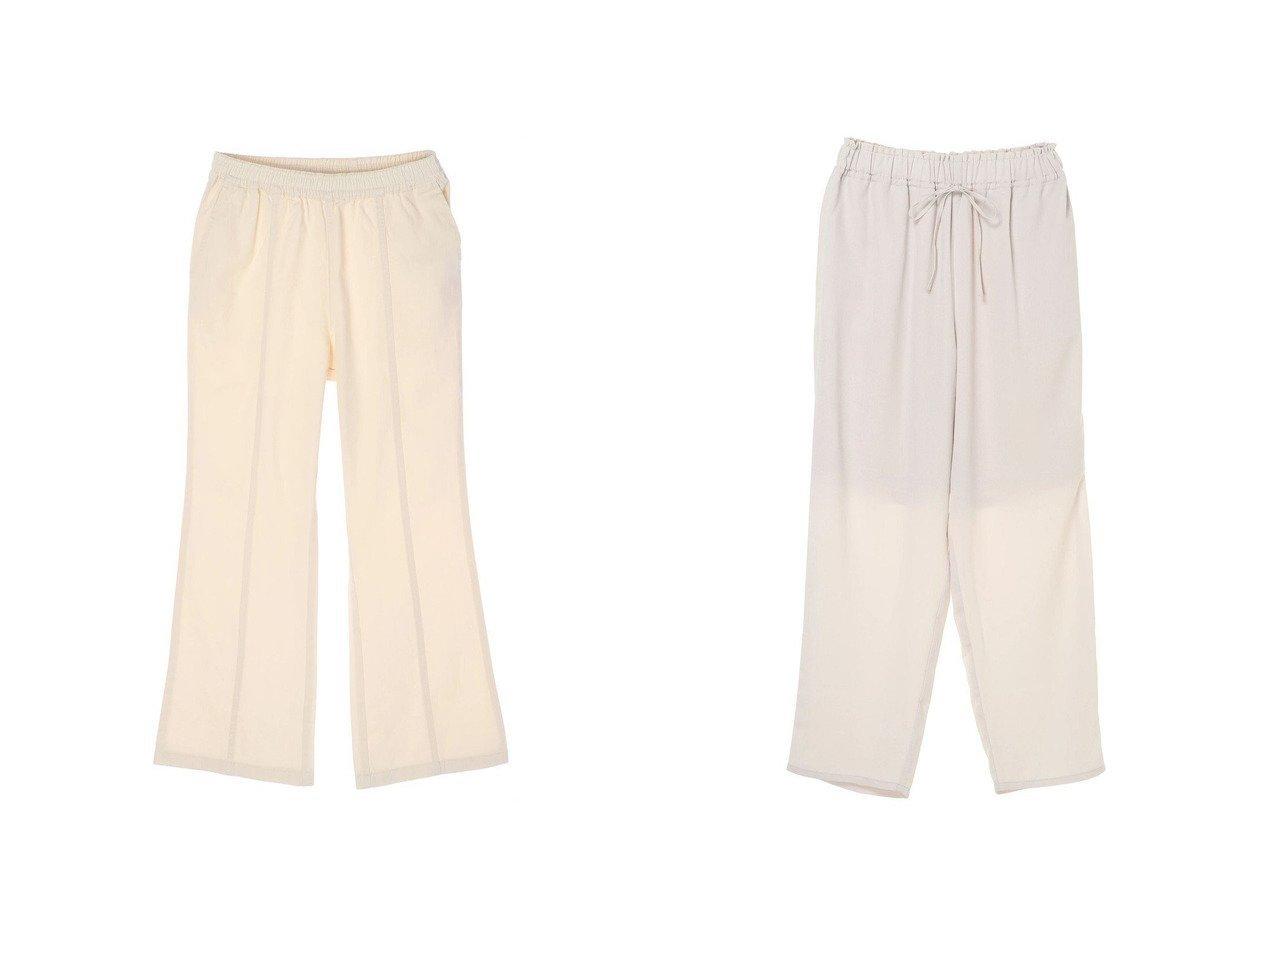 【Green Parks/グリーンパークス】のホワイトストレートデニムパンツ&ウエストドロストイージーパンツ(Ecru) 【プチプライス・低価格】おすすめ!人気、トレンド・レディースファッションの通販 おすすめで人気の流行・トレンド、ファッションの通販商品 インテリア・家具・メンズファッション・キッズファッション・レディースファッション・服の通販 founy(ファニー) https://founy.com/ ファッション Fashion レディースファッション WOMEN パンツ Pants デニムパンツ Denim Pants 送料無料 Free Shipping ストレート デニム リラックス ドローストリング フォルム  ID:crp329100000055553